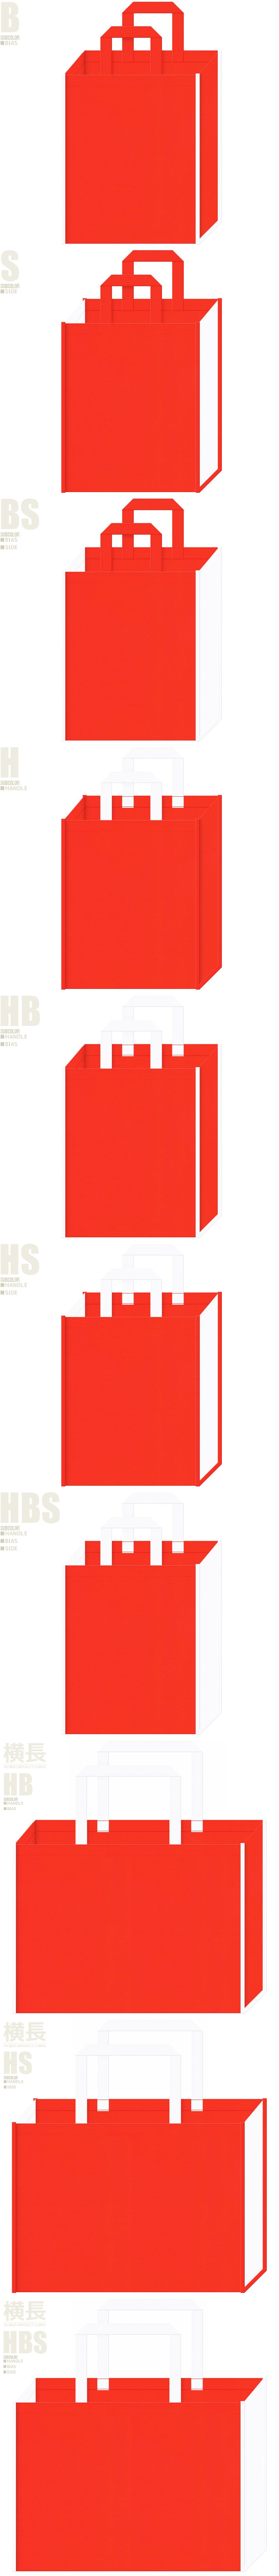 キッチン・ビタミン・サプリメント・スポーツ飲料・スポーツイベントにお奨めの不織布バッグデザイン:オレンジ色と白色の配色7パターン